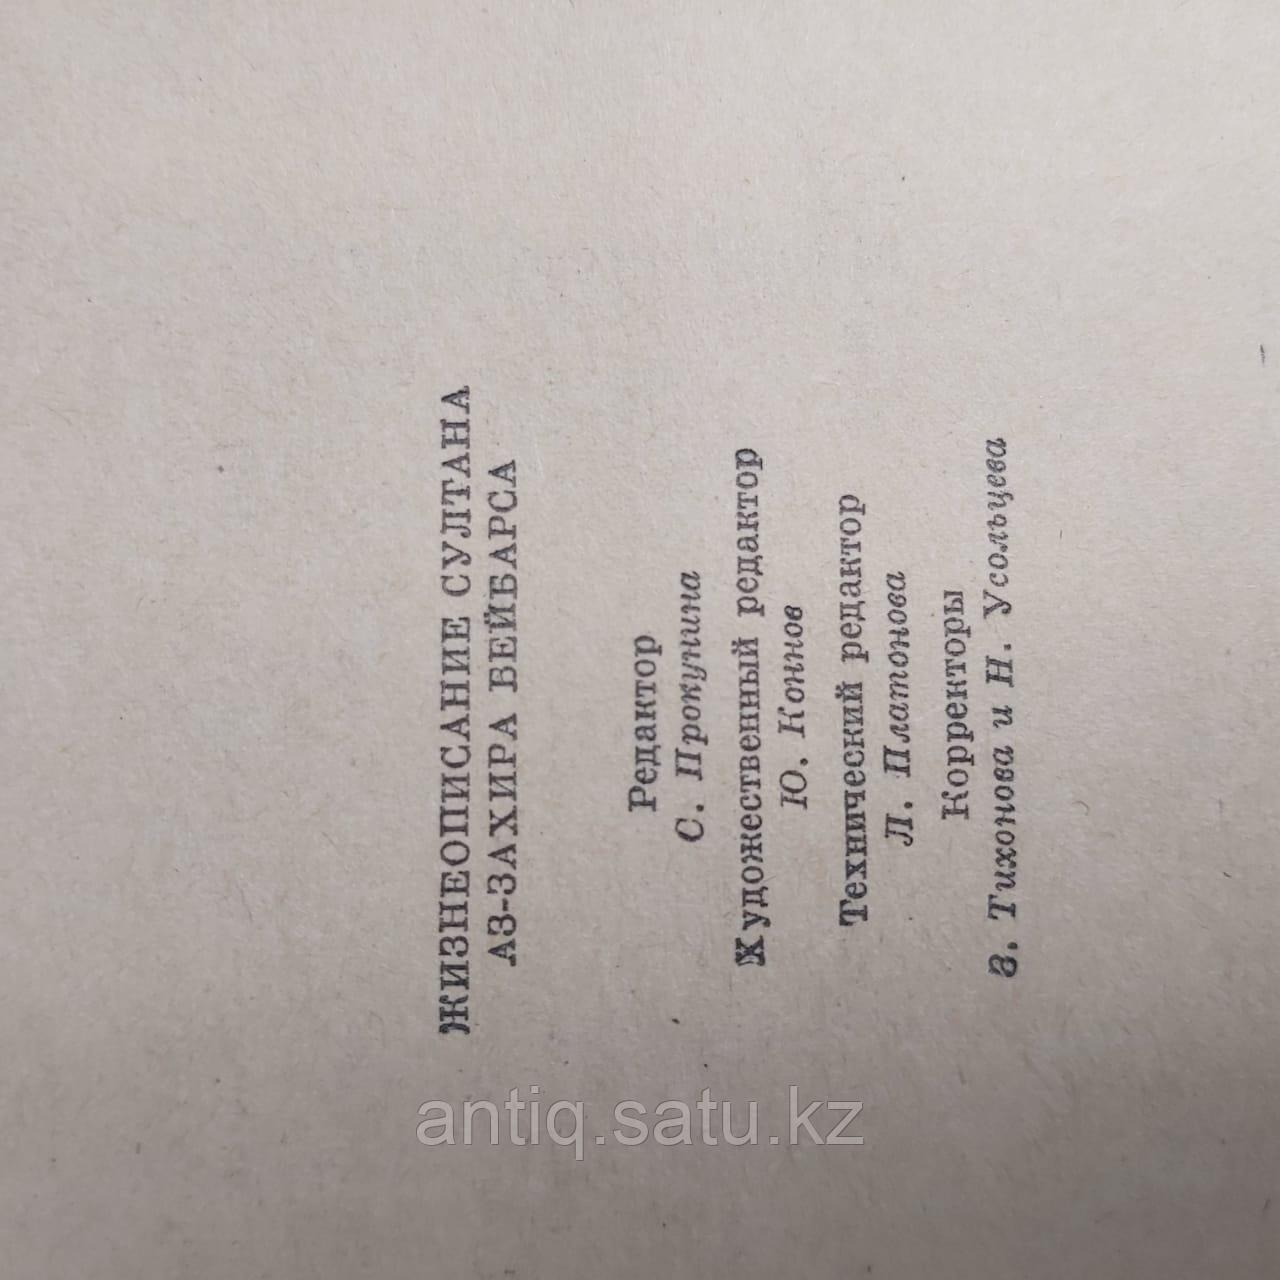 «Жизнеописание Султана аз-Захира Бейбарса» Автор: перевод с арабского В. Кирпиченко. - фото 6